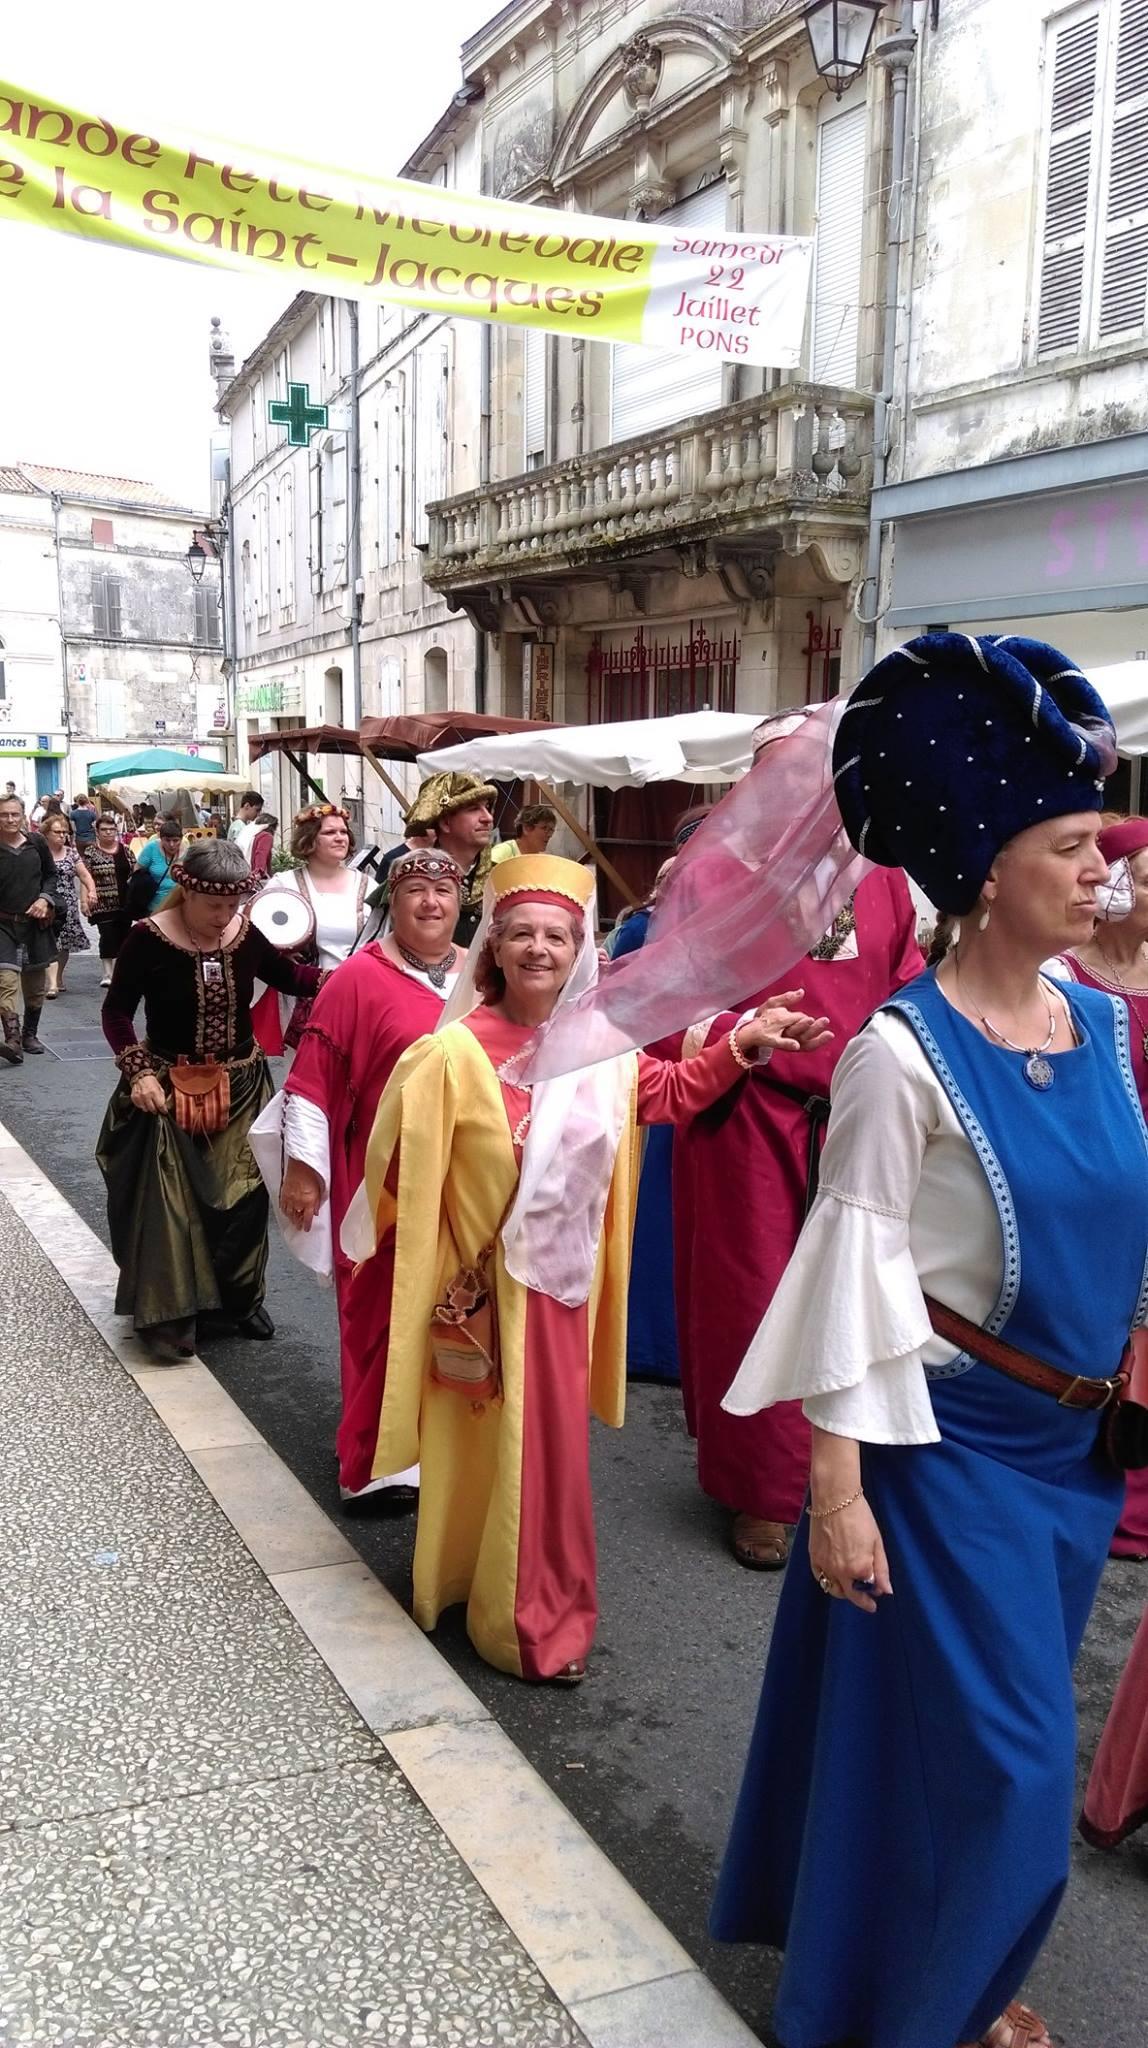 Fête Médiévale Pons 2017 - Défilé rue Emile Combes (10)